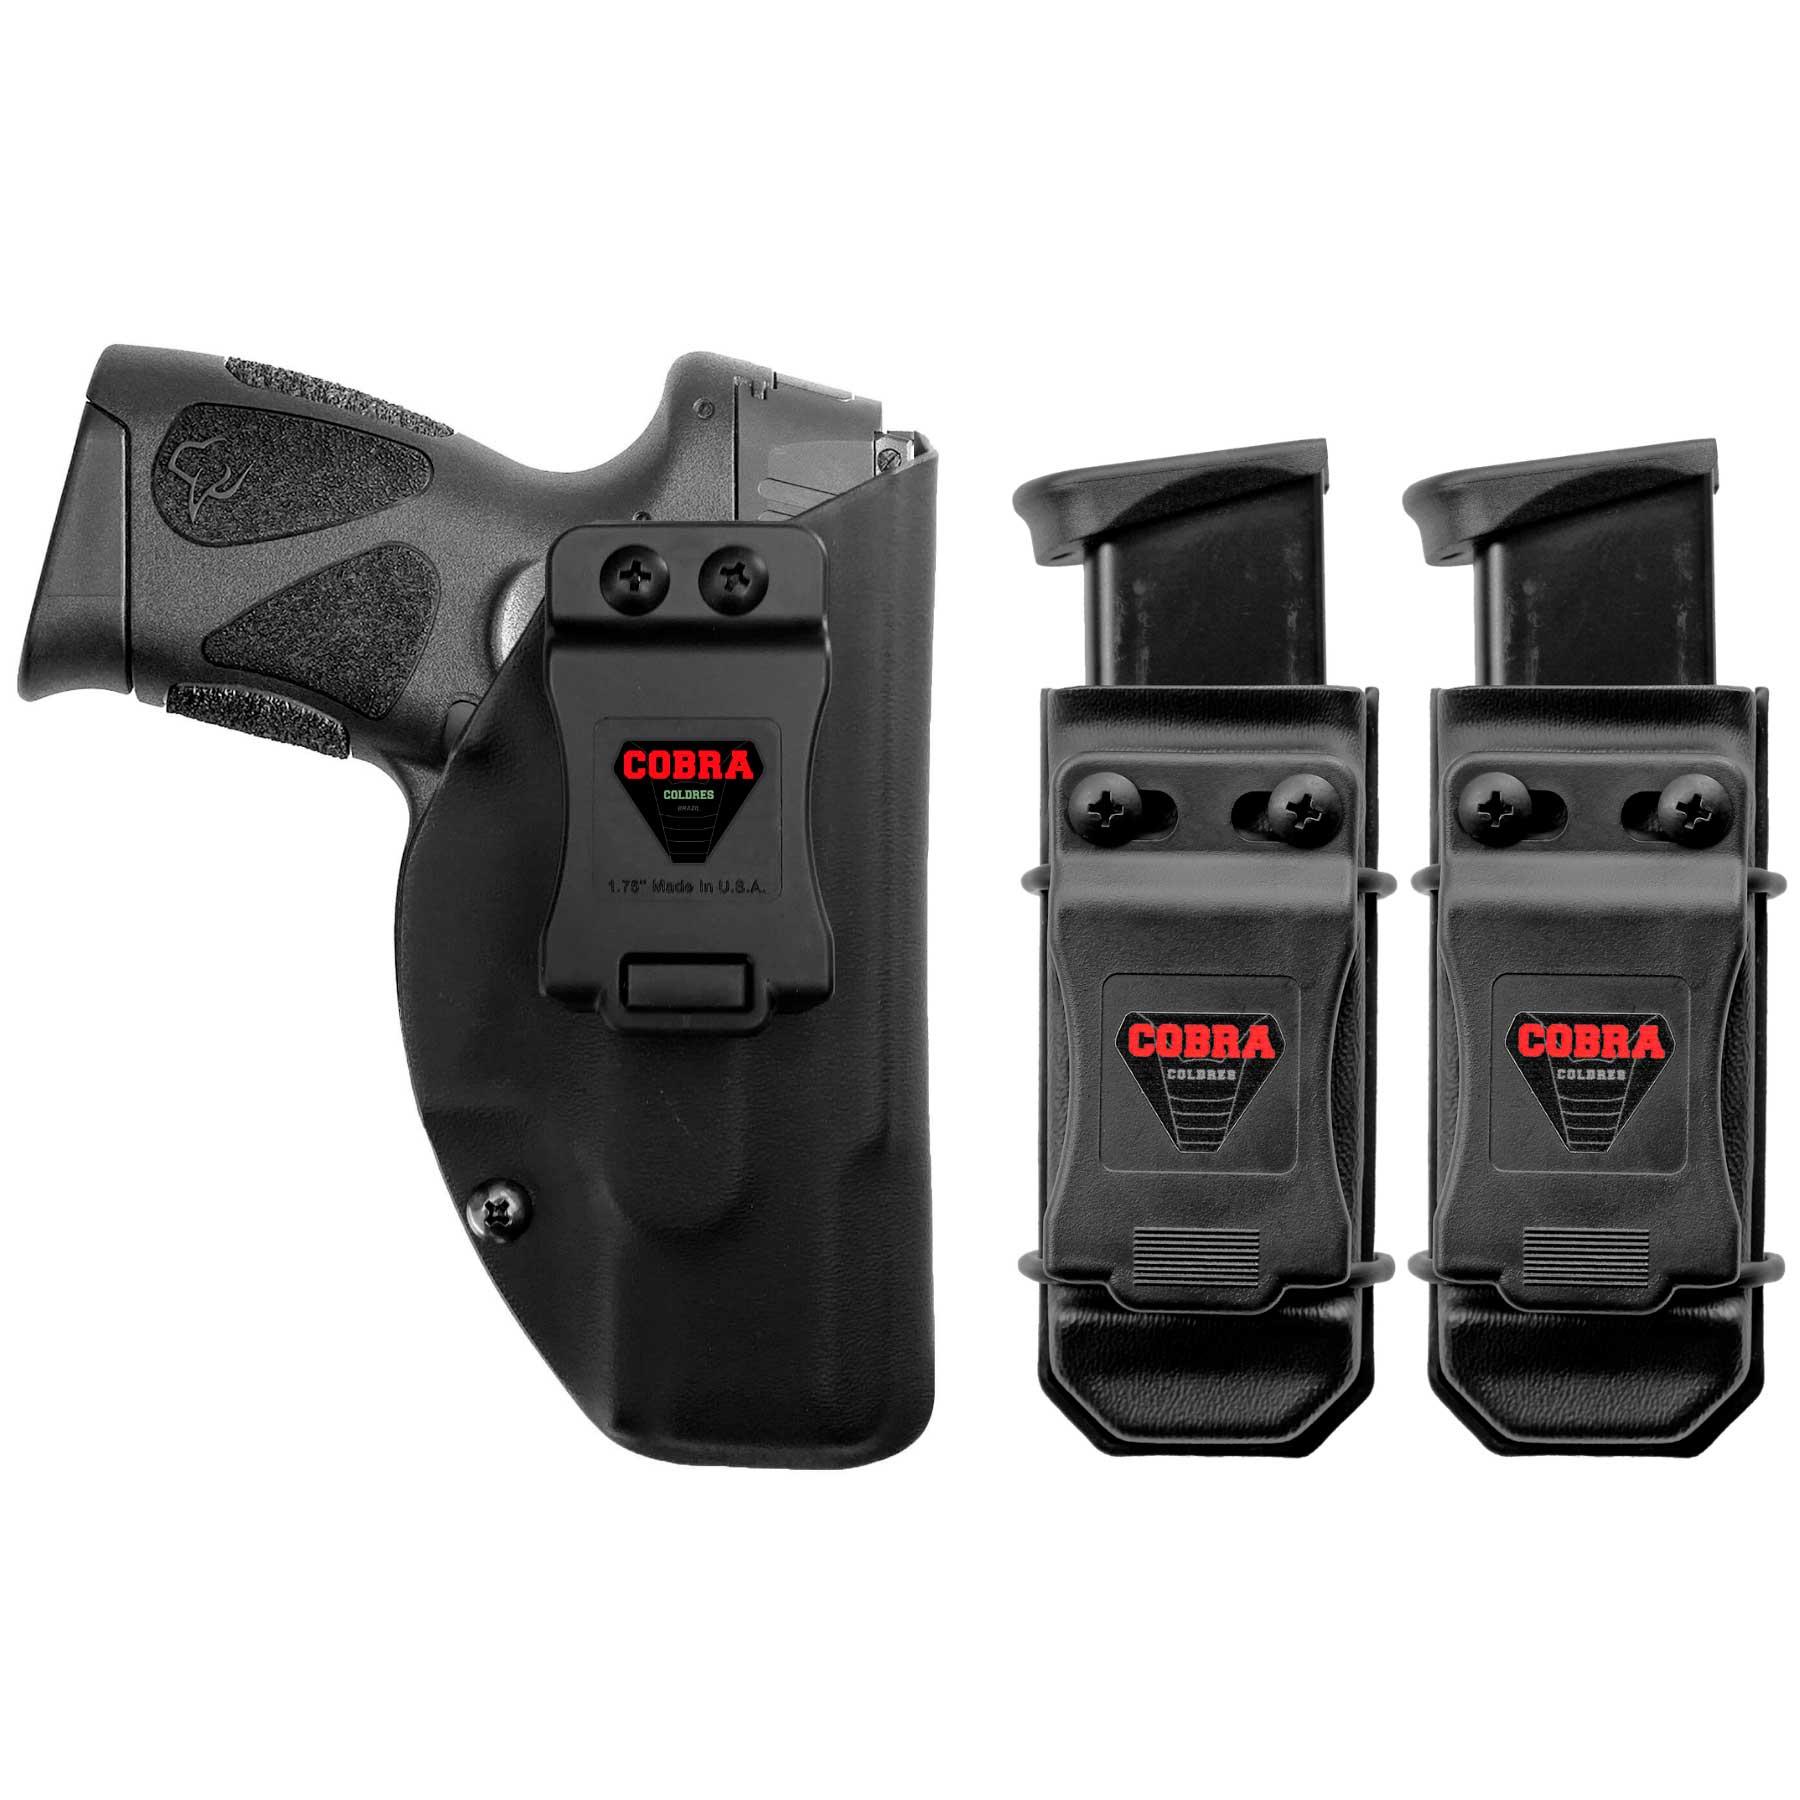 Coldre [G2c] 9mm e .40 Kydex + 2 Porta-Carregadores Universais - Saque Rápido Velado Kydex® 080